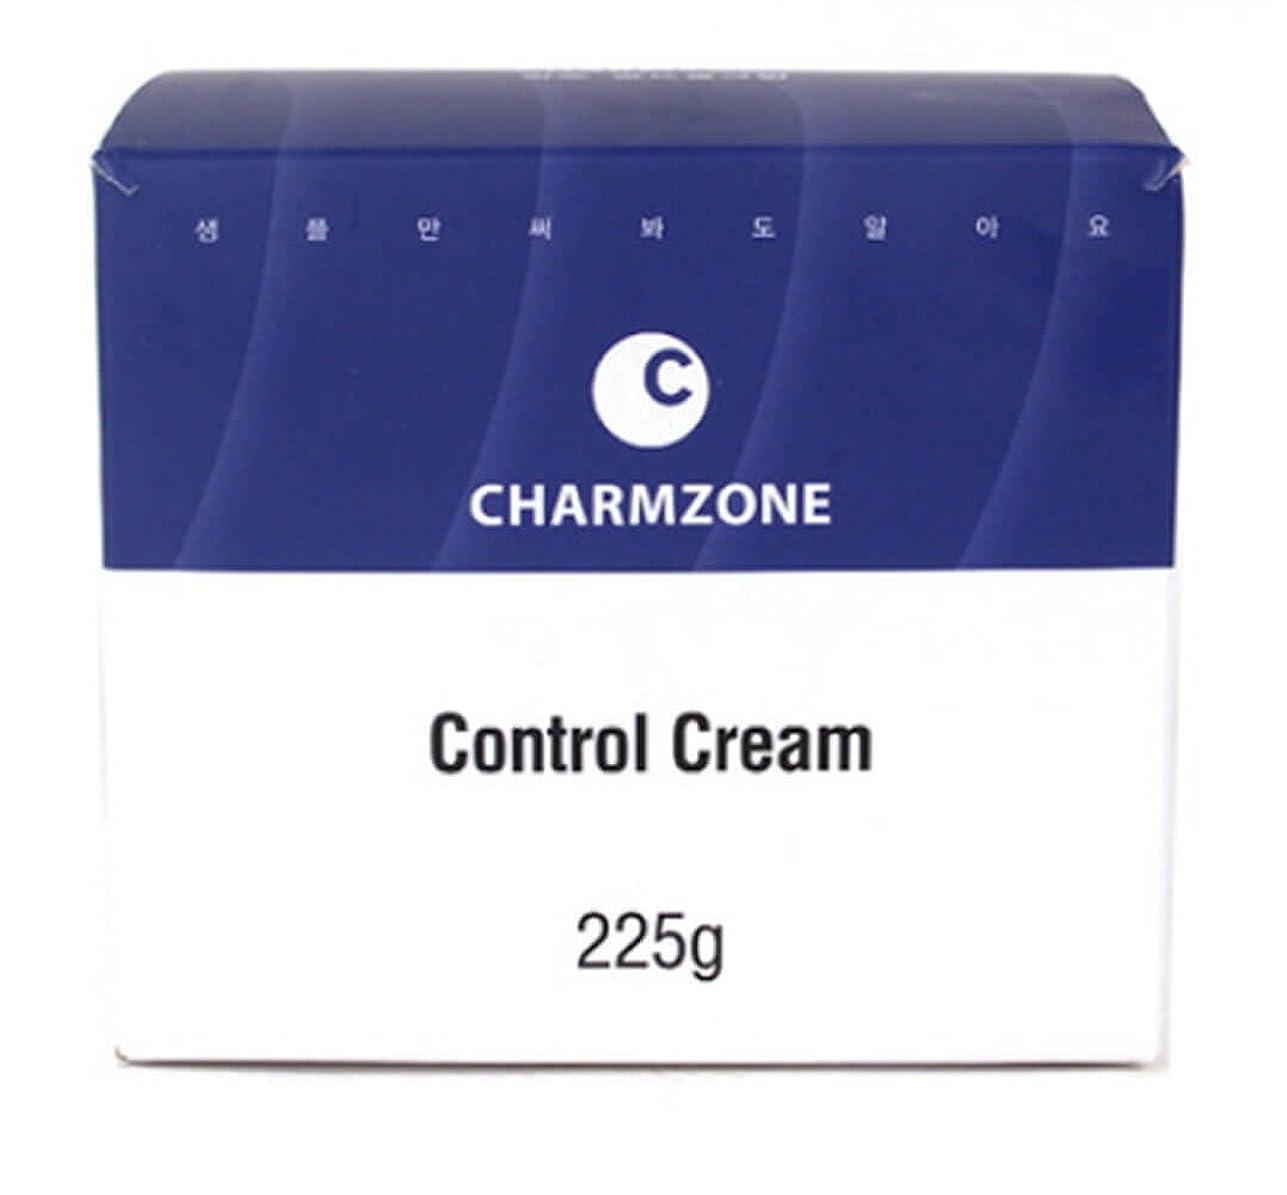 香ばしい船員ショッピングセンター[チャムジョン] CharmZone コントロールクリーム マッサージ 栄養クリーム225g 海外直送品 (Control Cream Massage Nutrition Cream 225g)